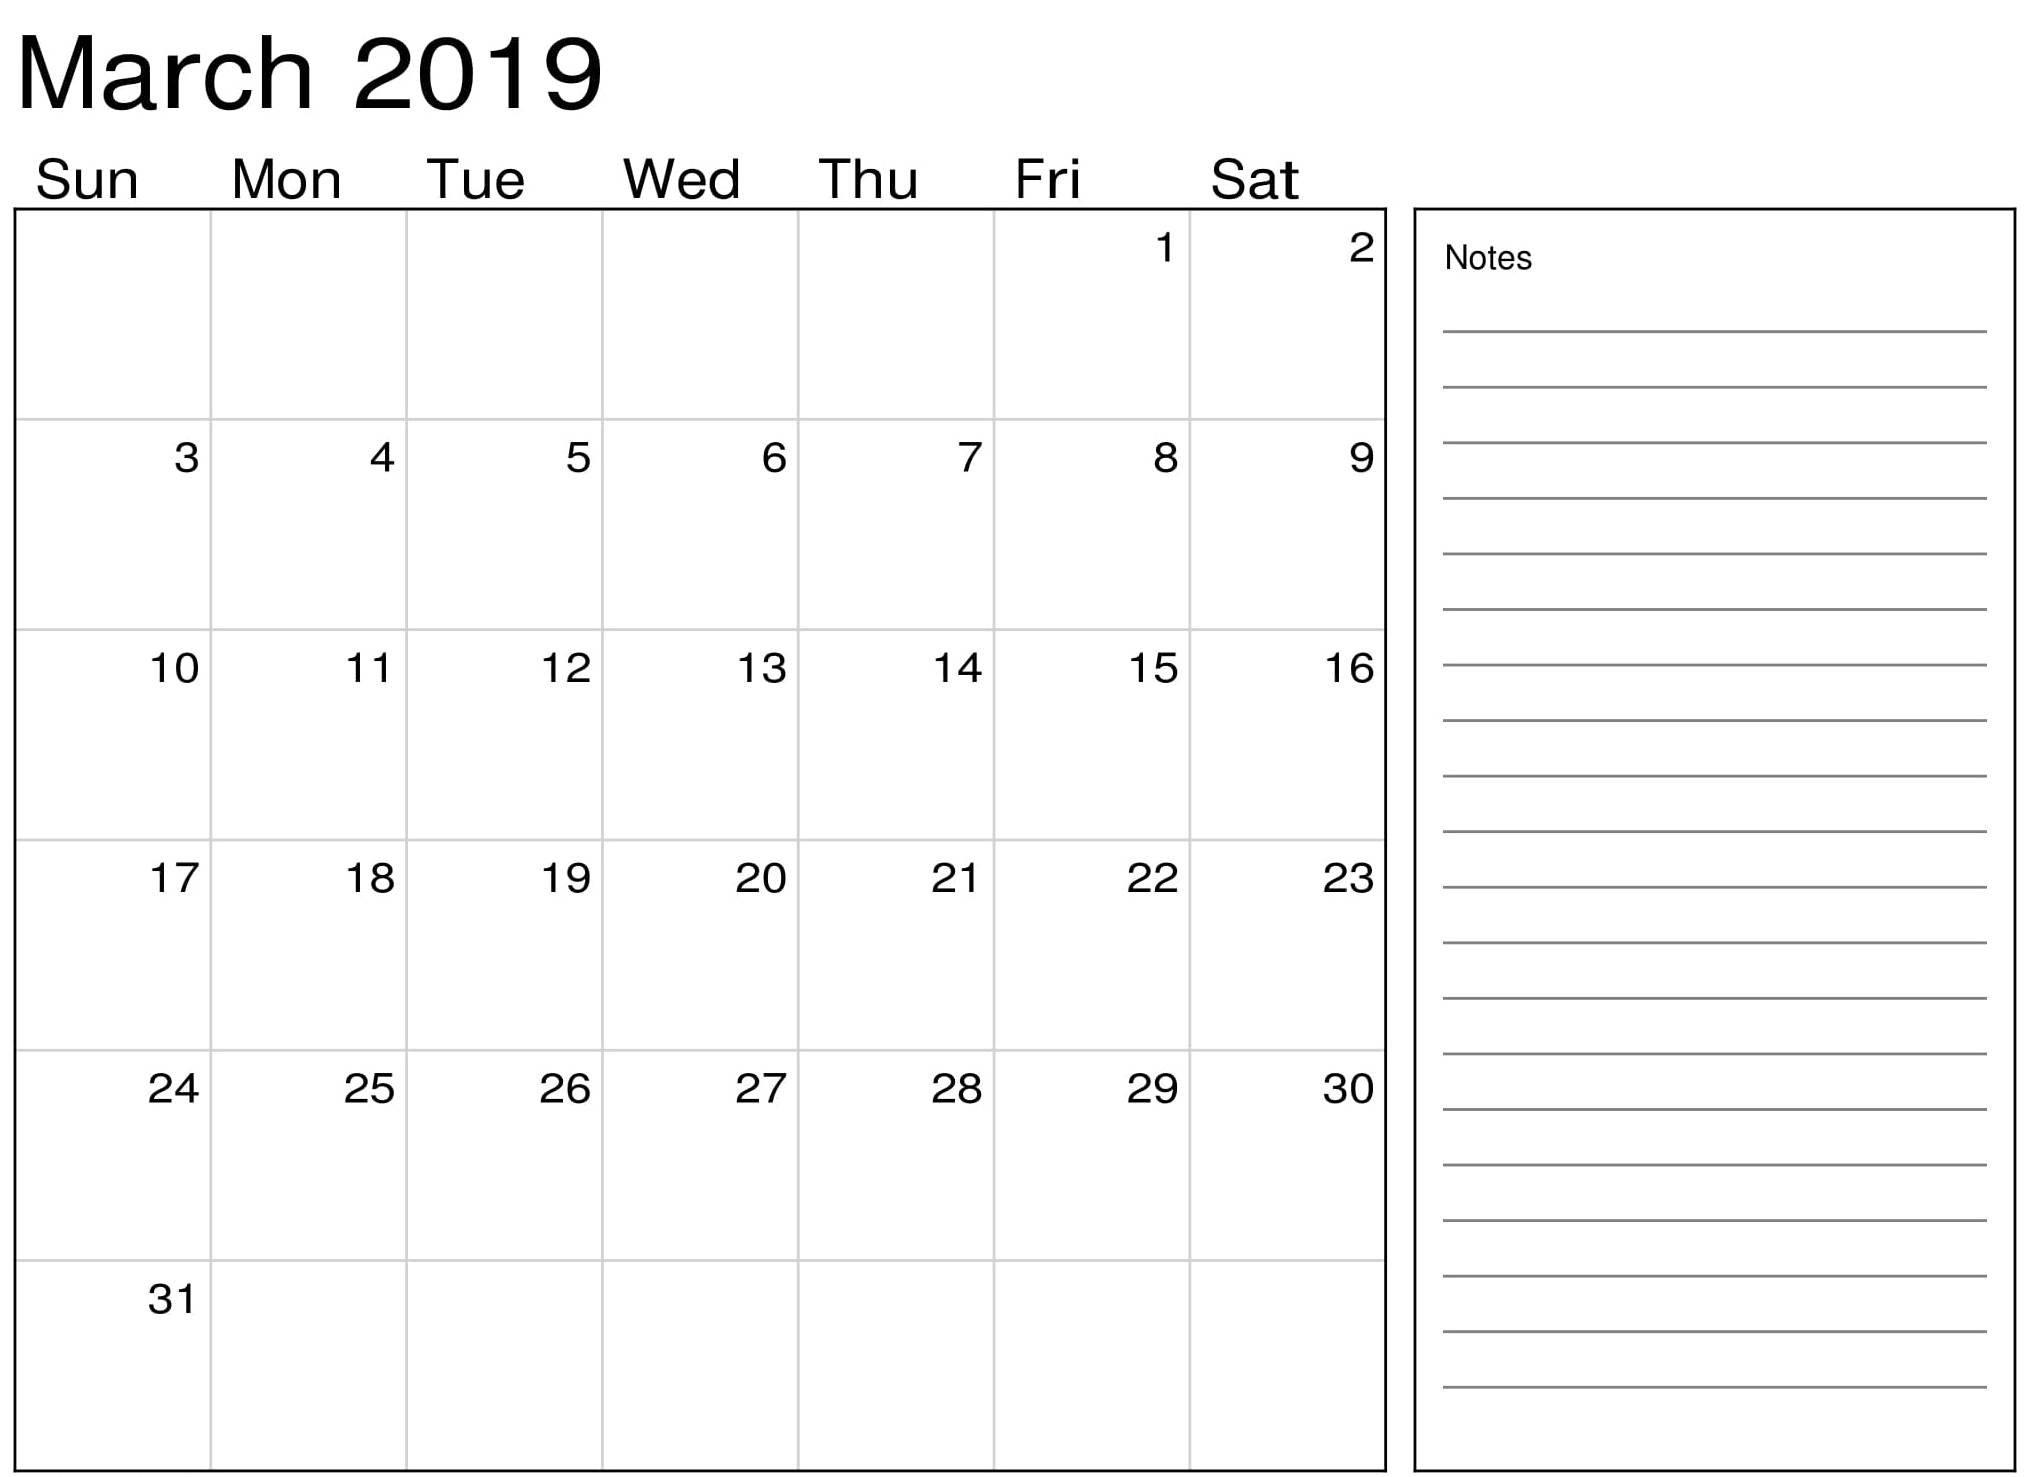 March Calendar 2019 With Notes – Printable Calendar Templates Calendar 2019 Notes